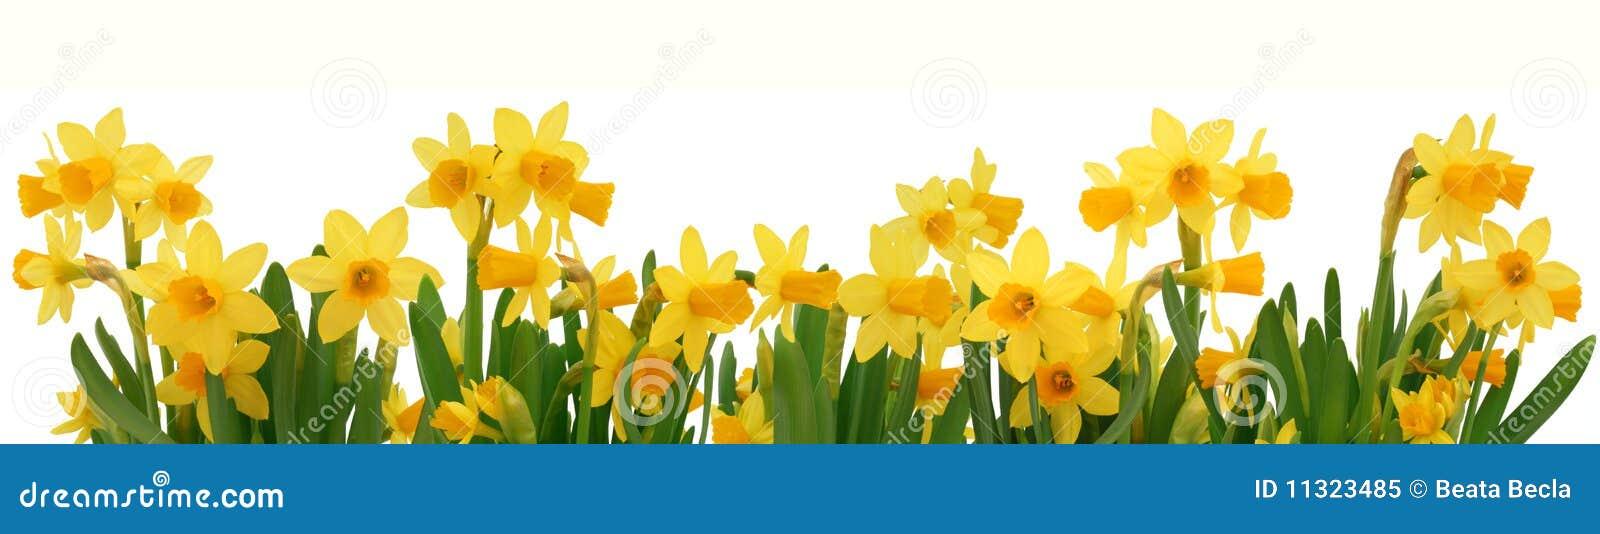 Frühlingsnarzissenrand